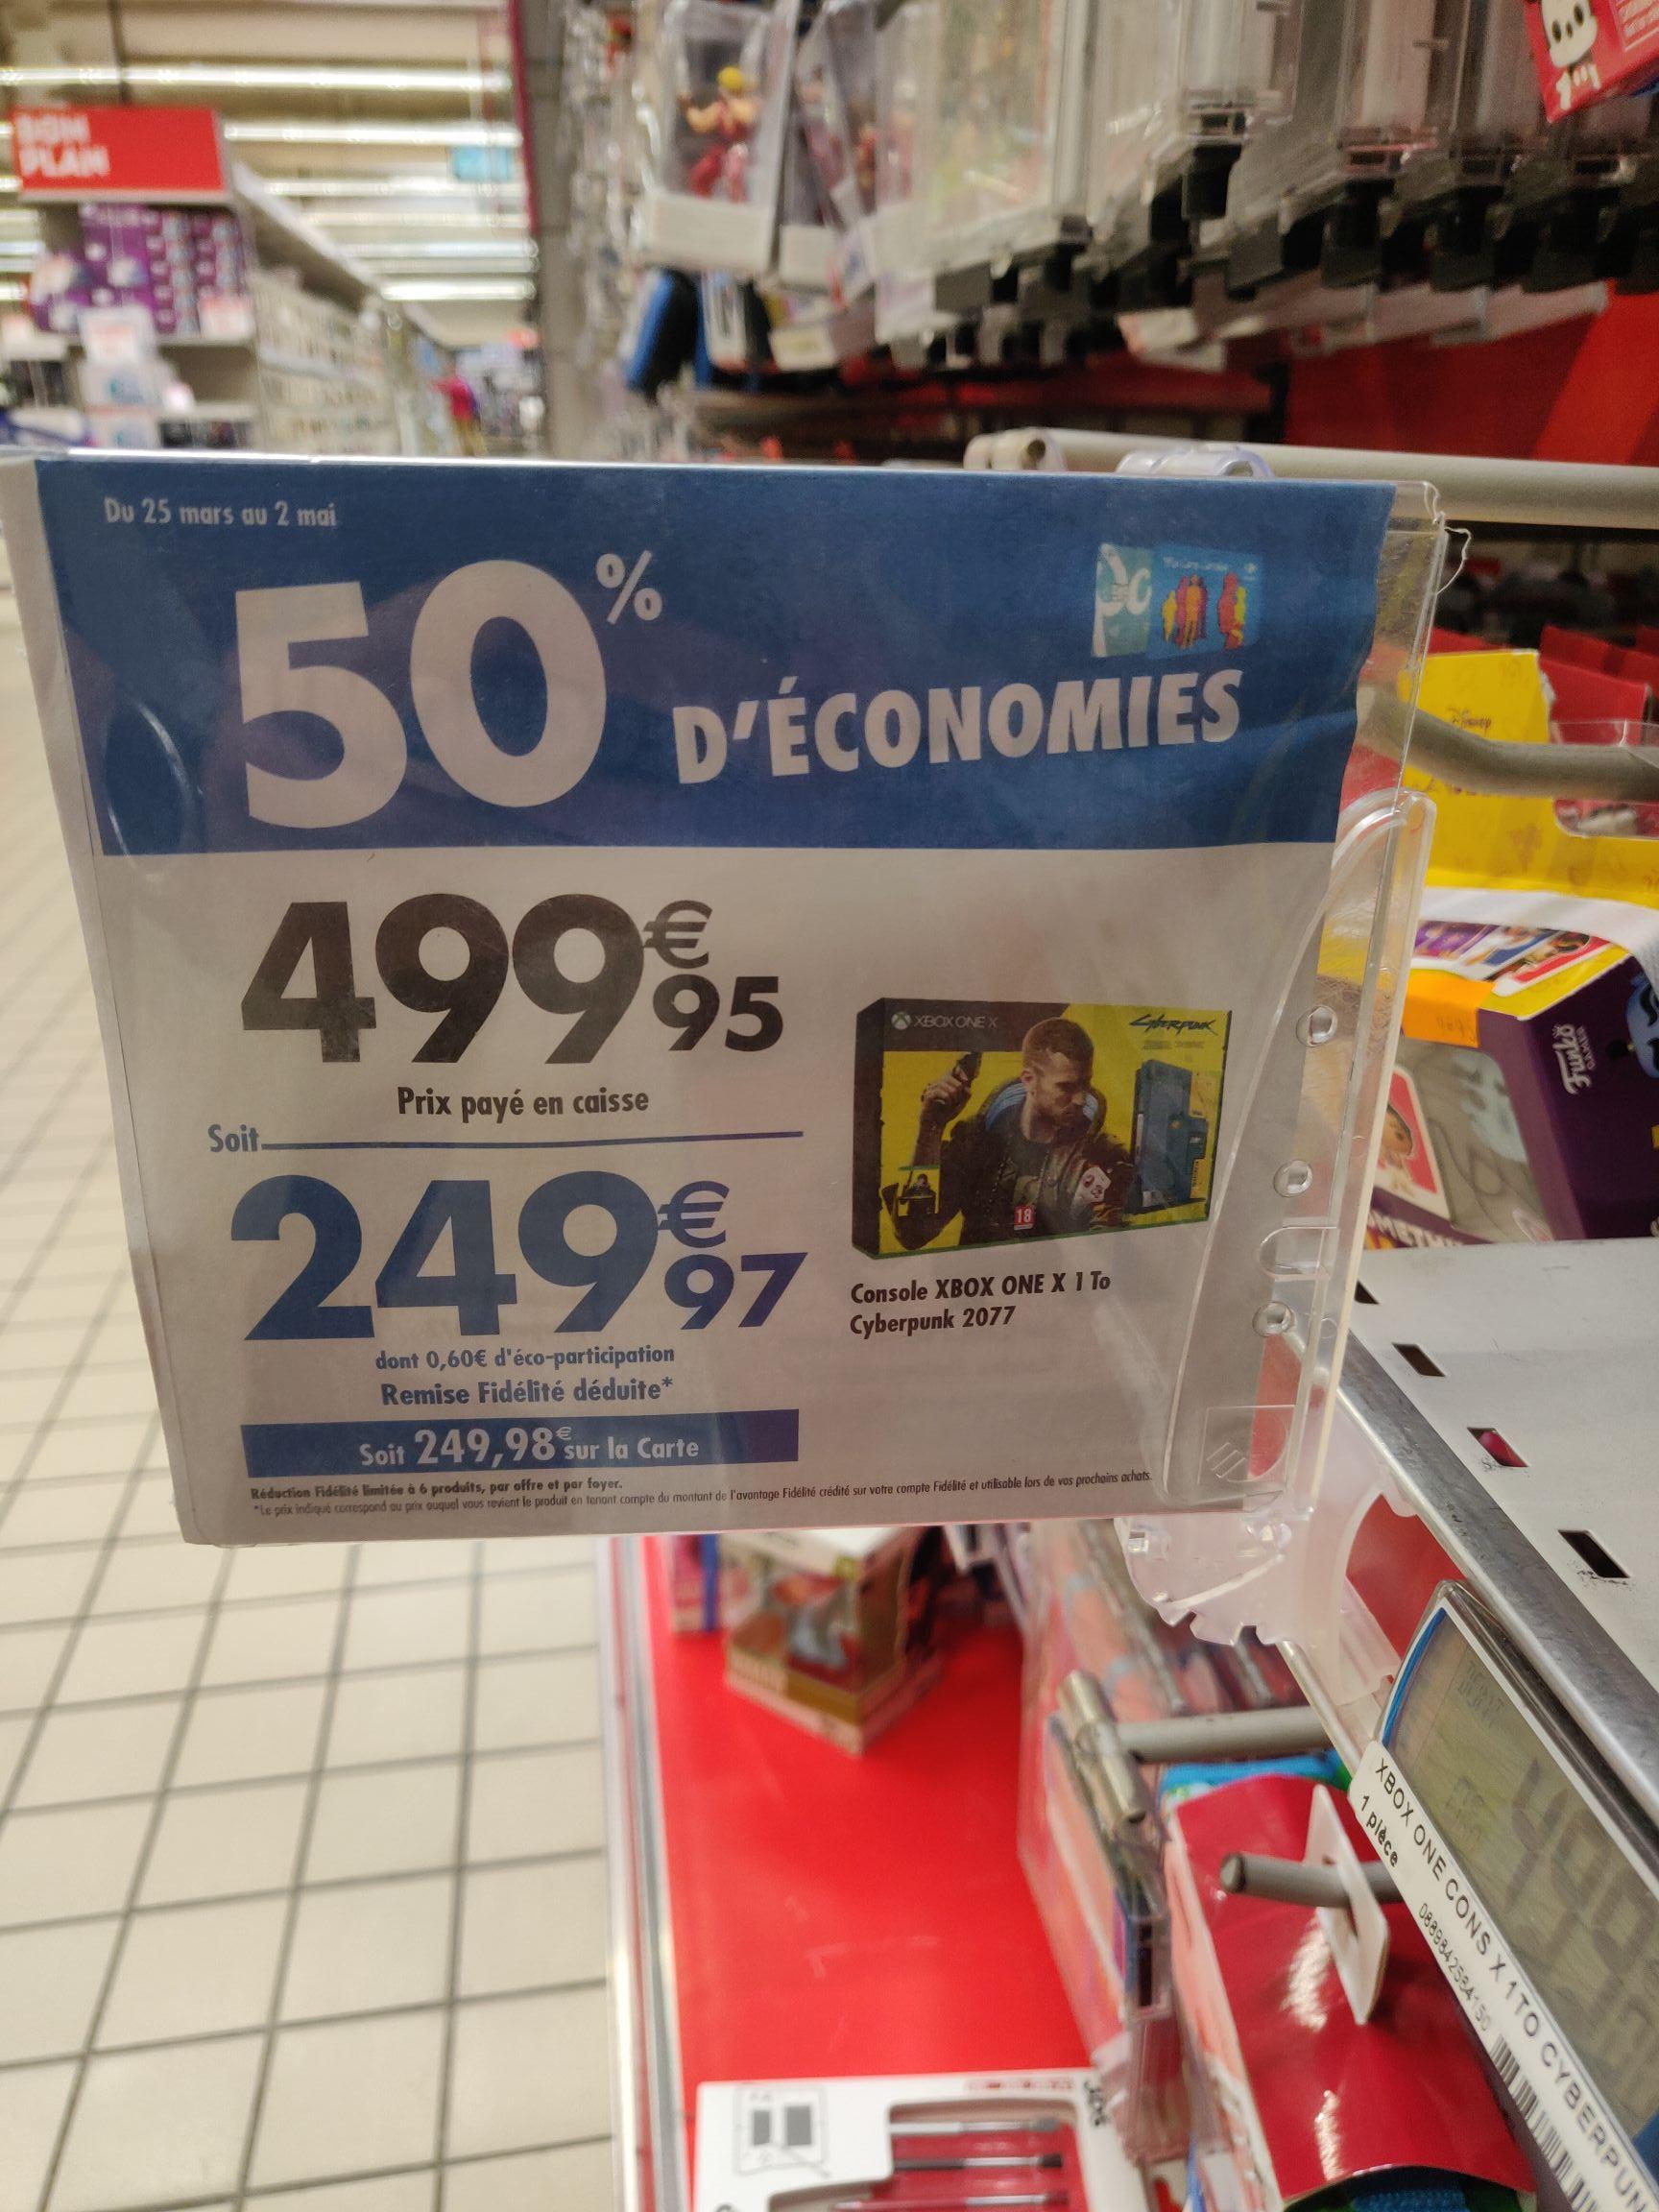 Pack Console Microsoft Xbox One X (1 To) + Cyberpunk 2077 (via 249,98€ sur la carte fidélité) - Quetigny (21)